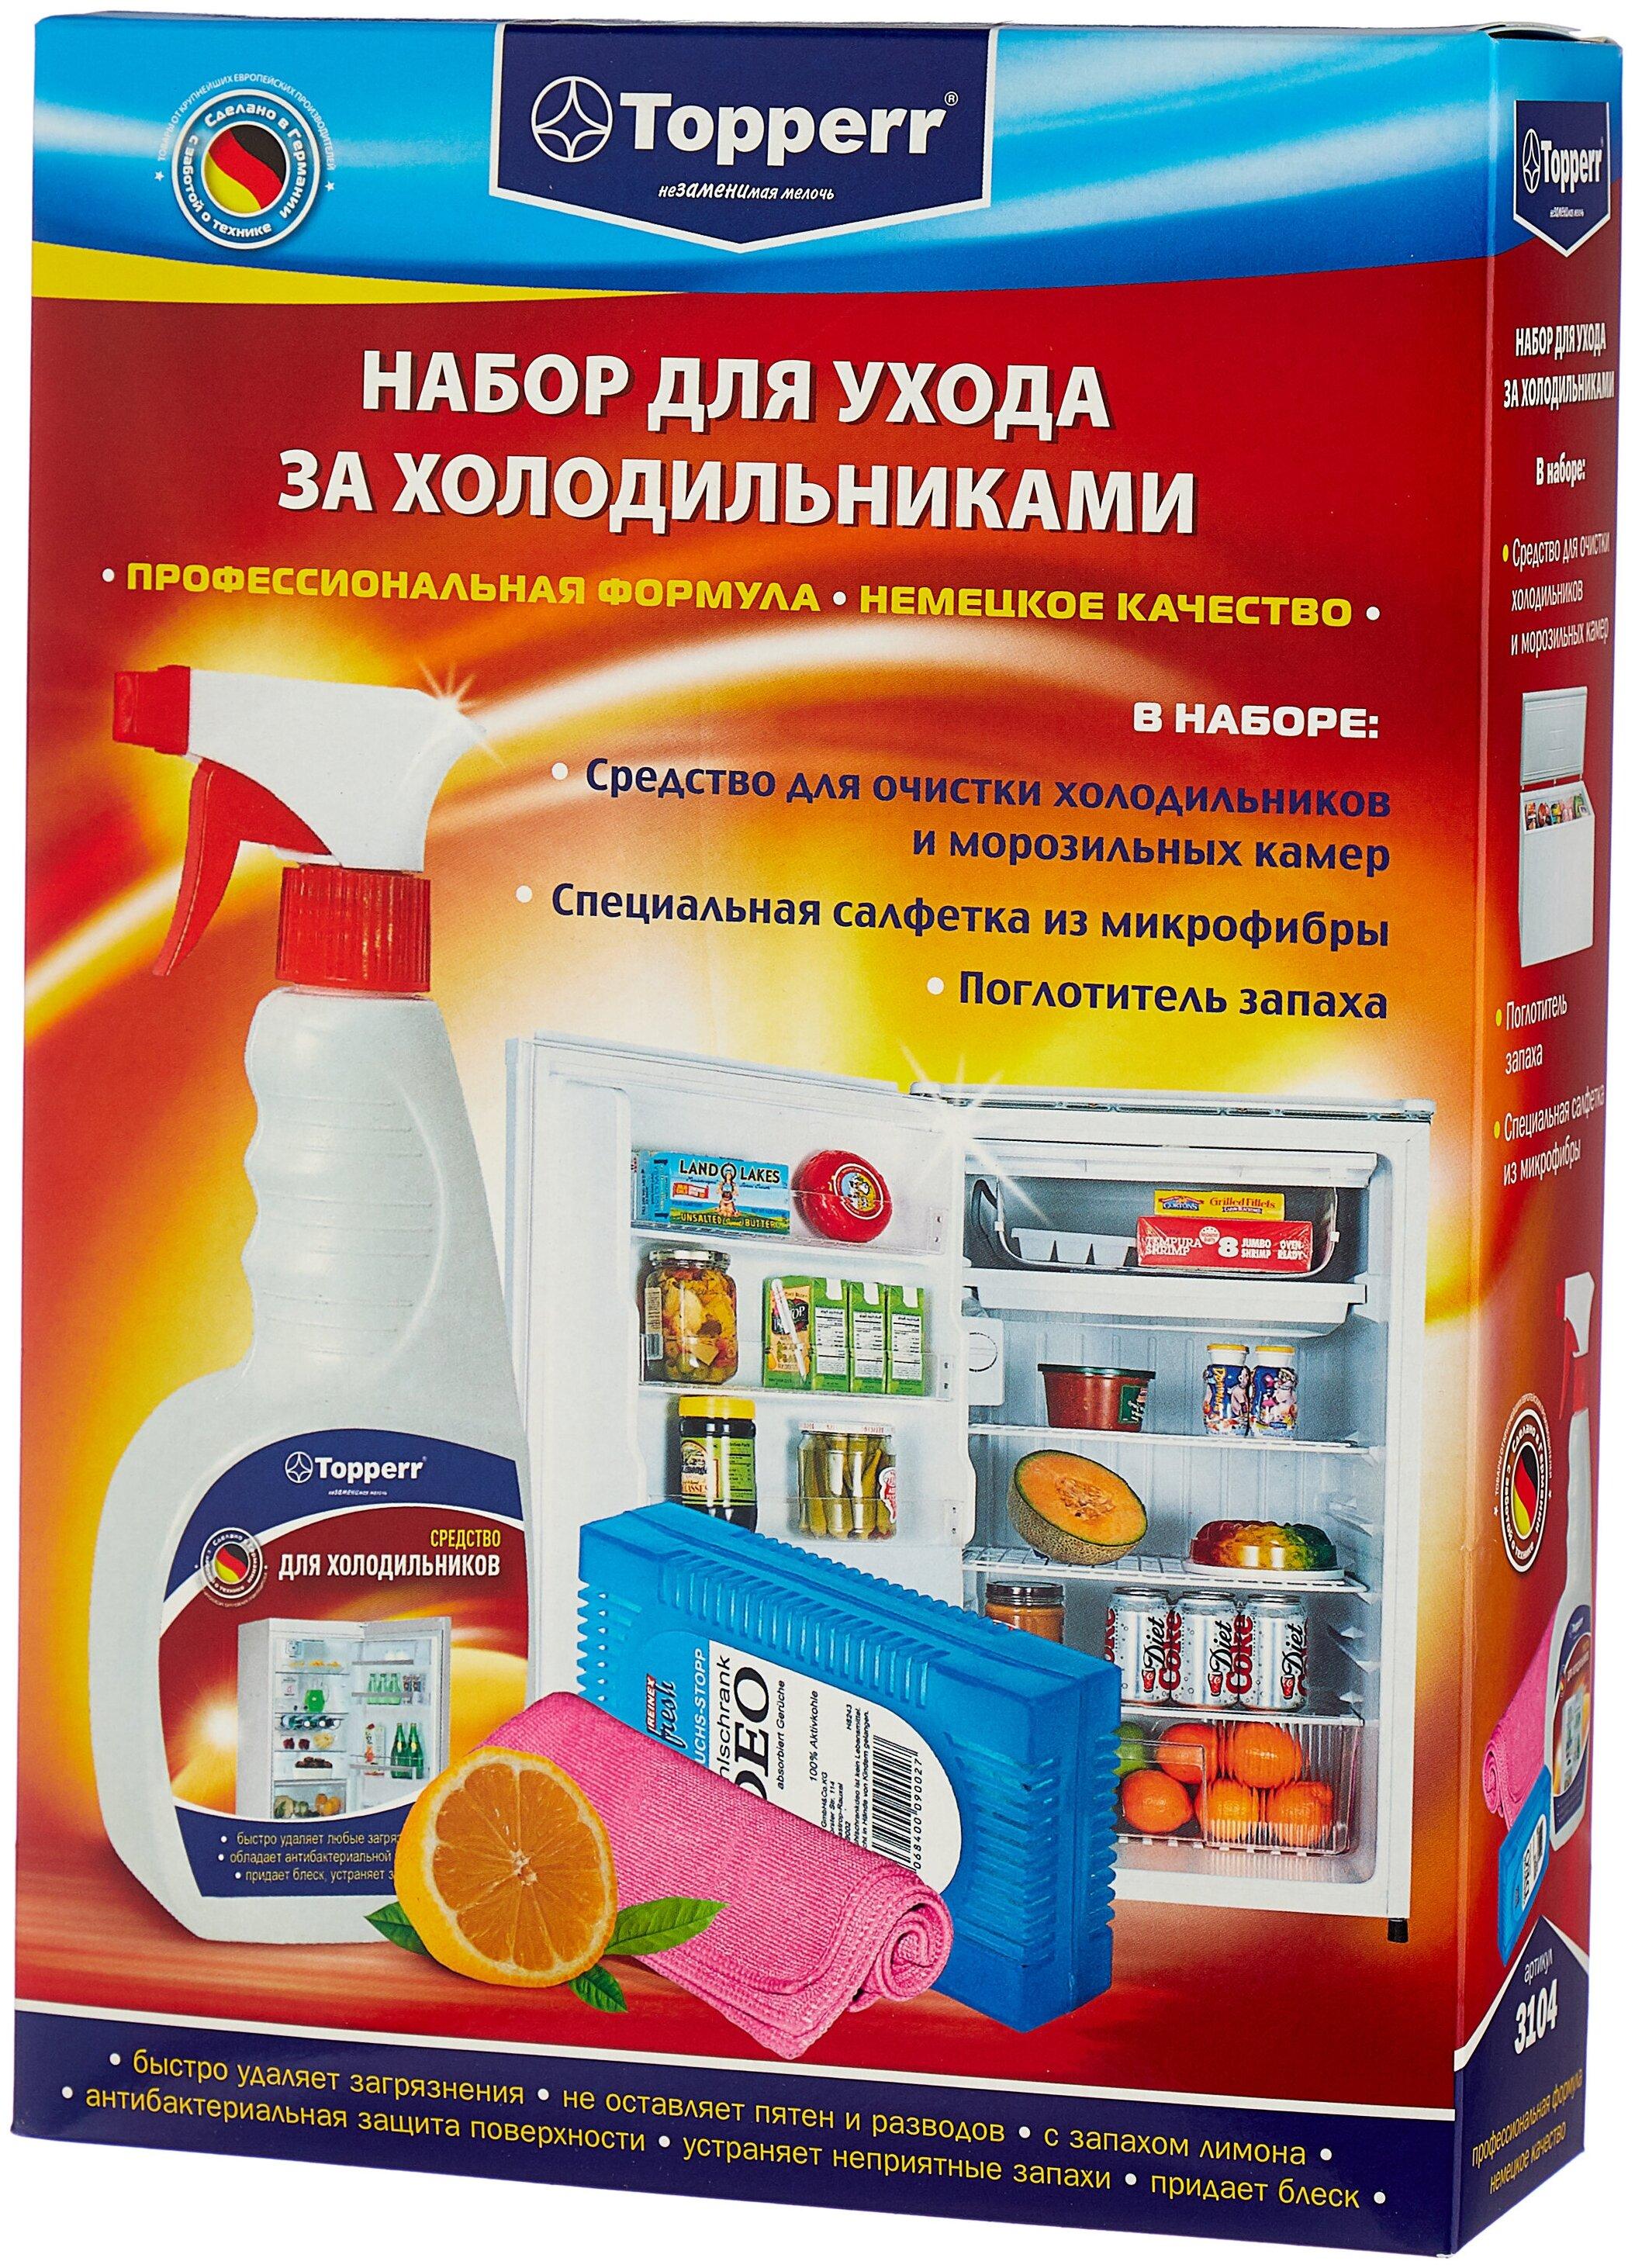 Набор Topperr для ухода за холодильниками 3104 — купить по выгодной цене на Яндекс.Маркете